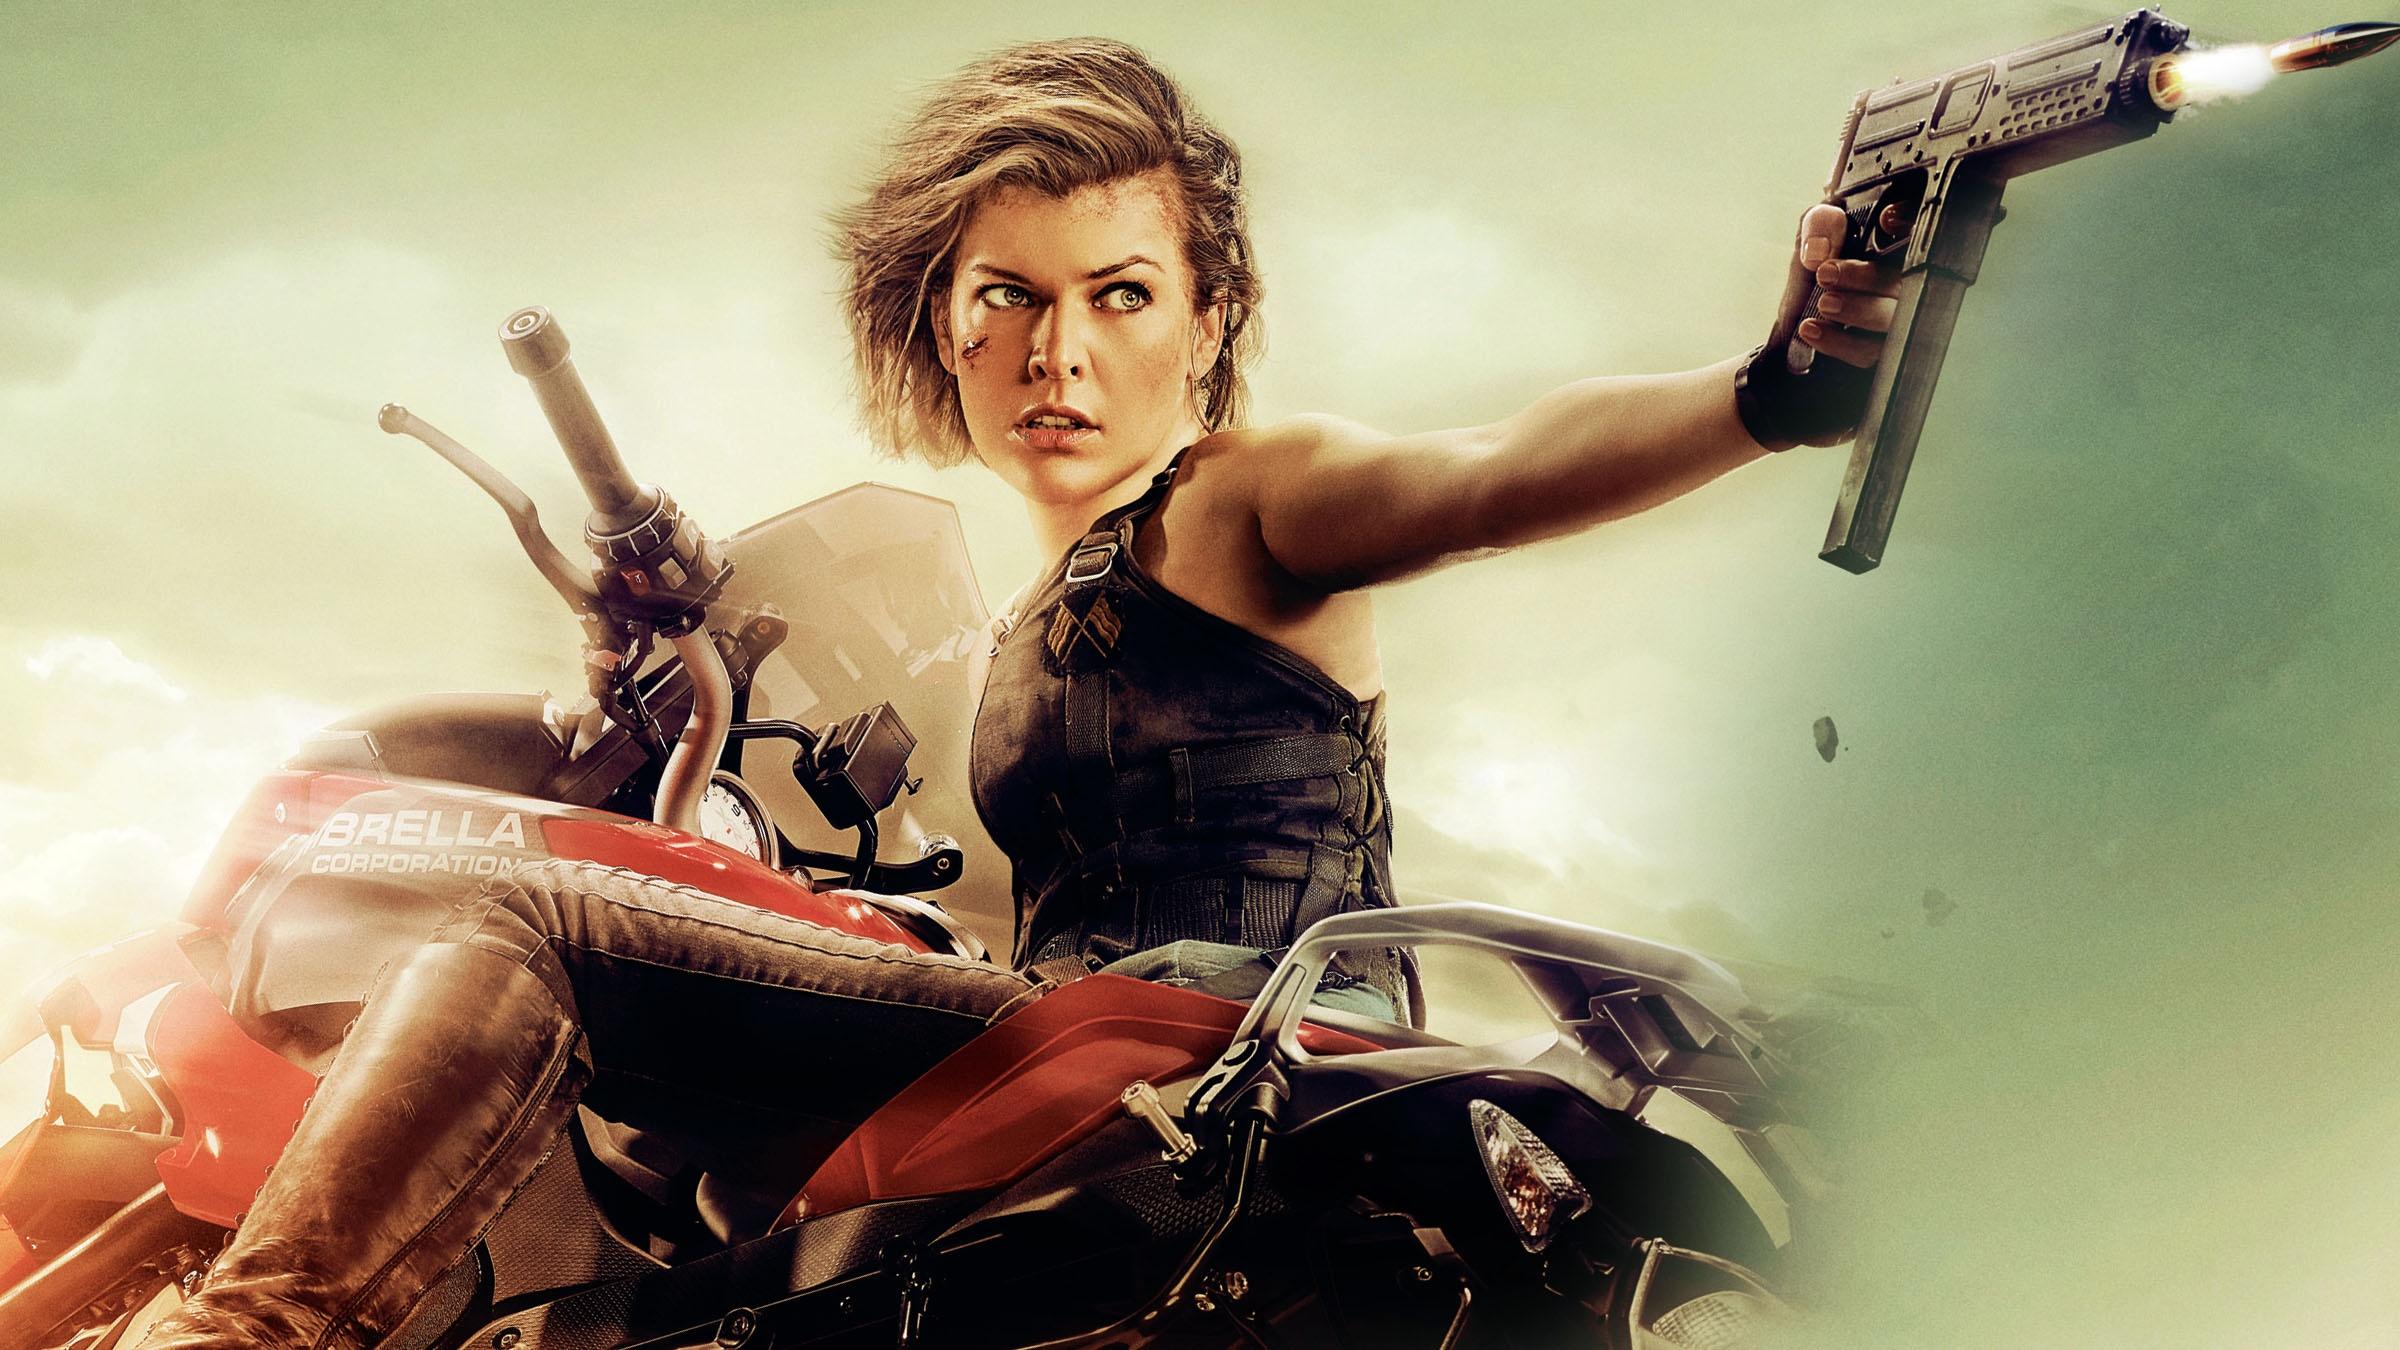 Wallpaper Milla Jovovich Ali Larter Ruby Rose Resident: Resident Evil: The Final Chapter (2017